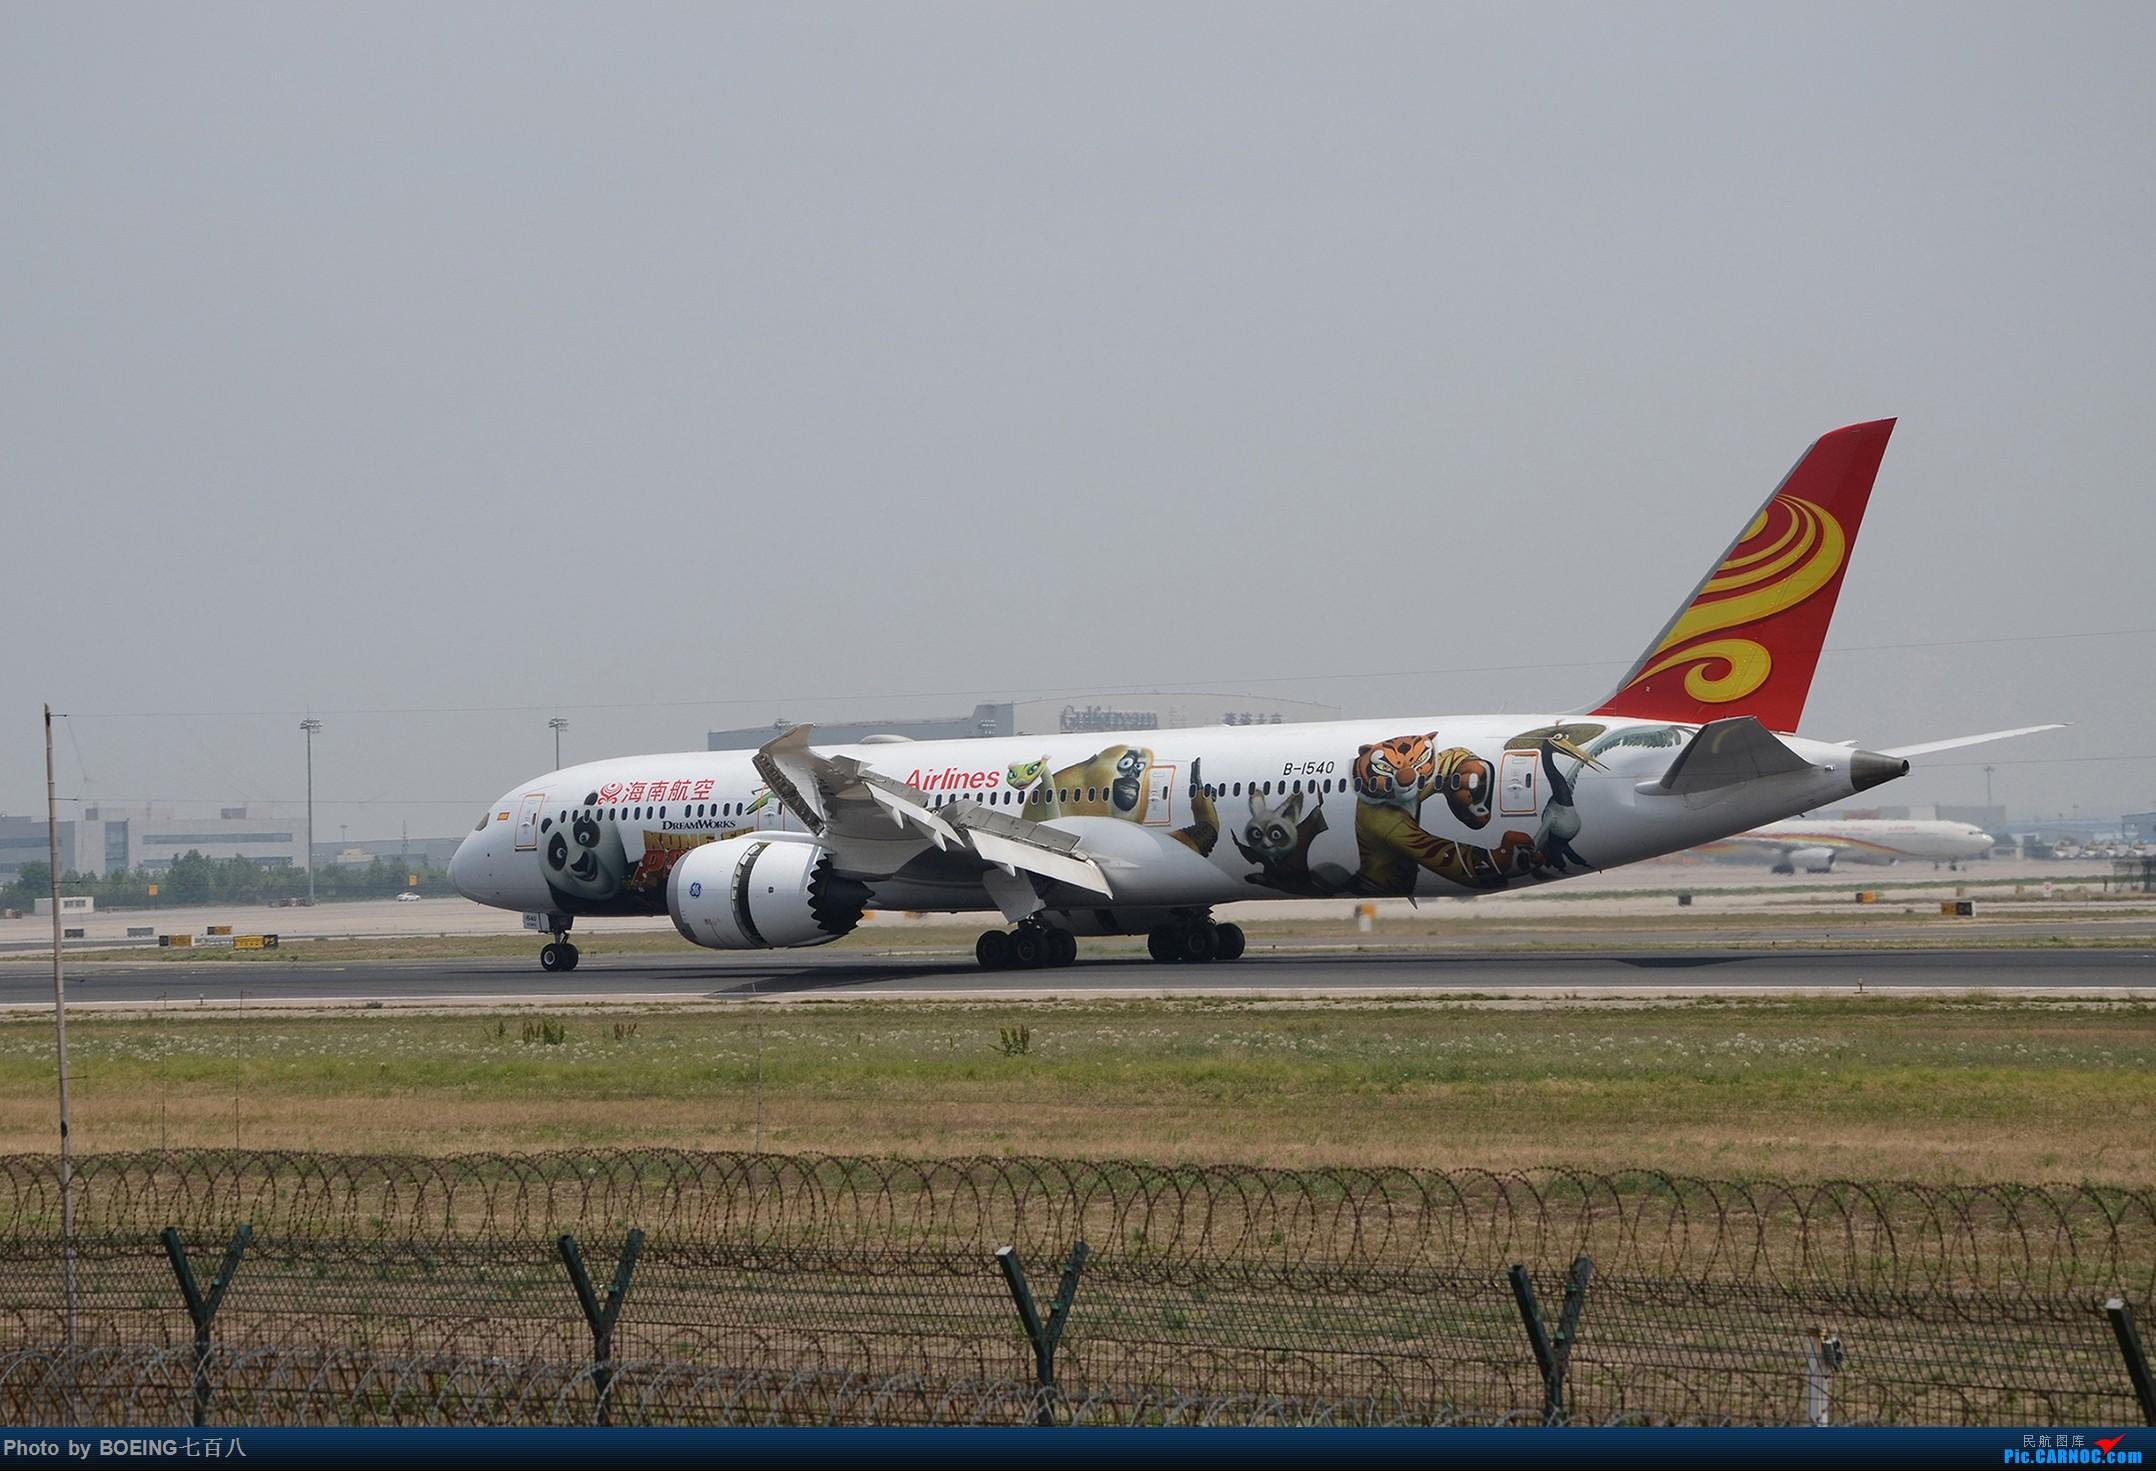 Re:[原创]海航家的黄焖熊猫和清蒸熊猫等好货 BOEING 787-9 B-1540 中国北京首都国际机场